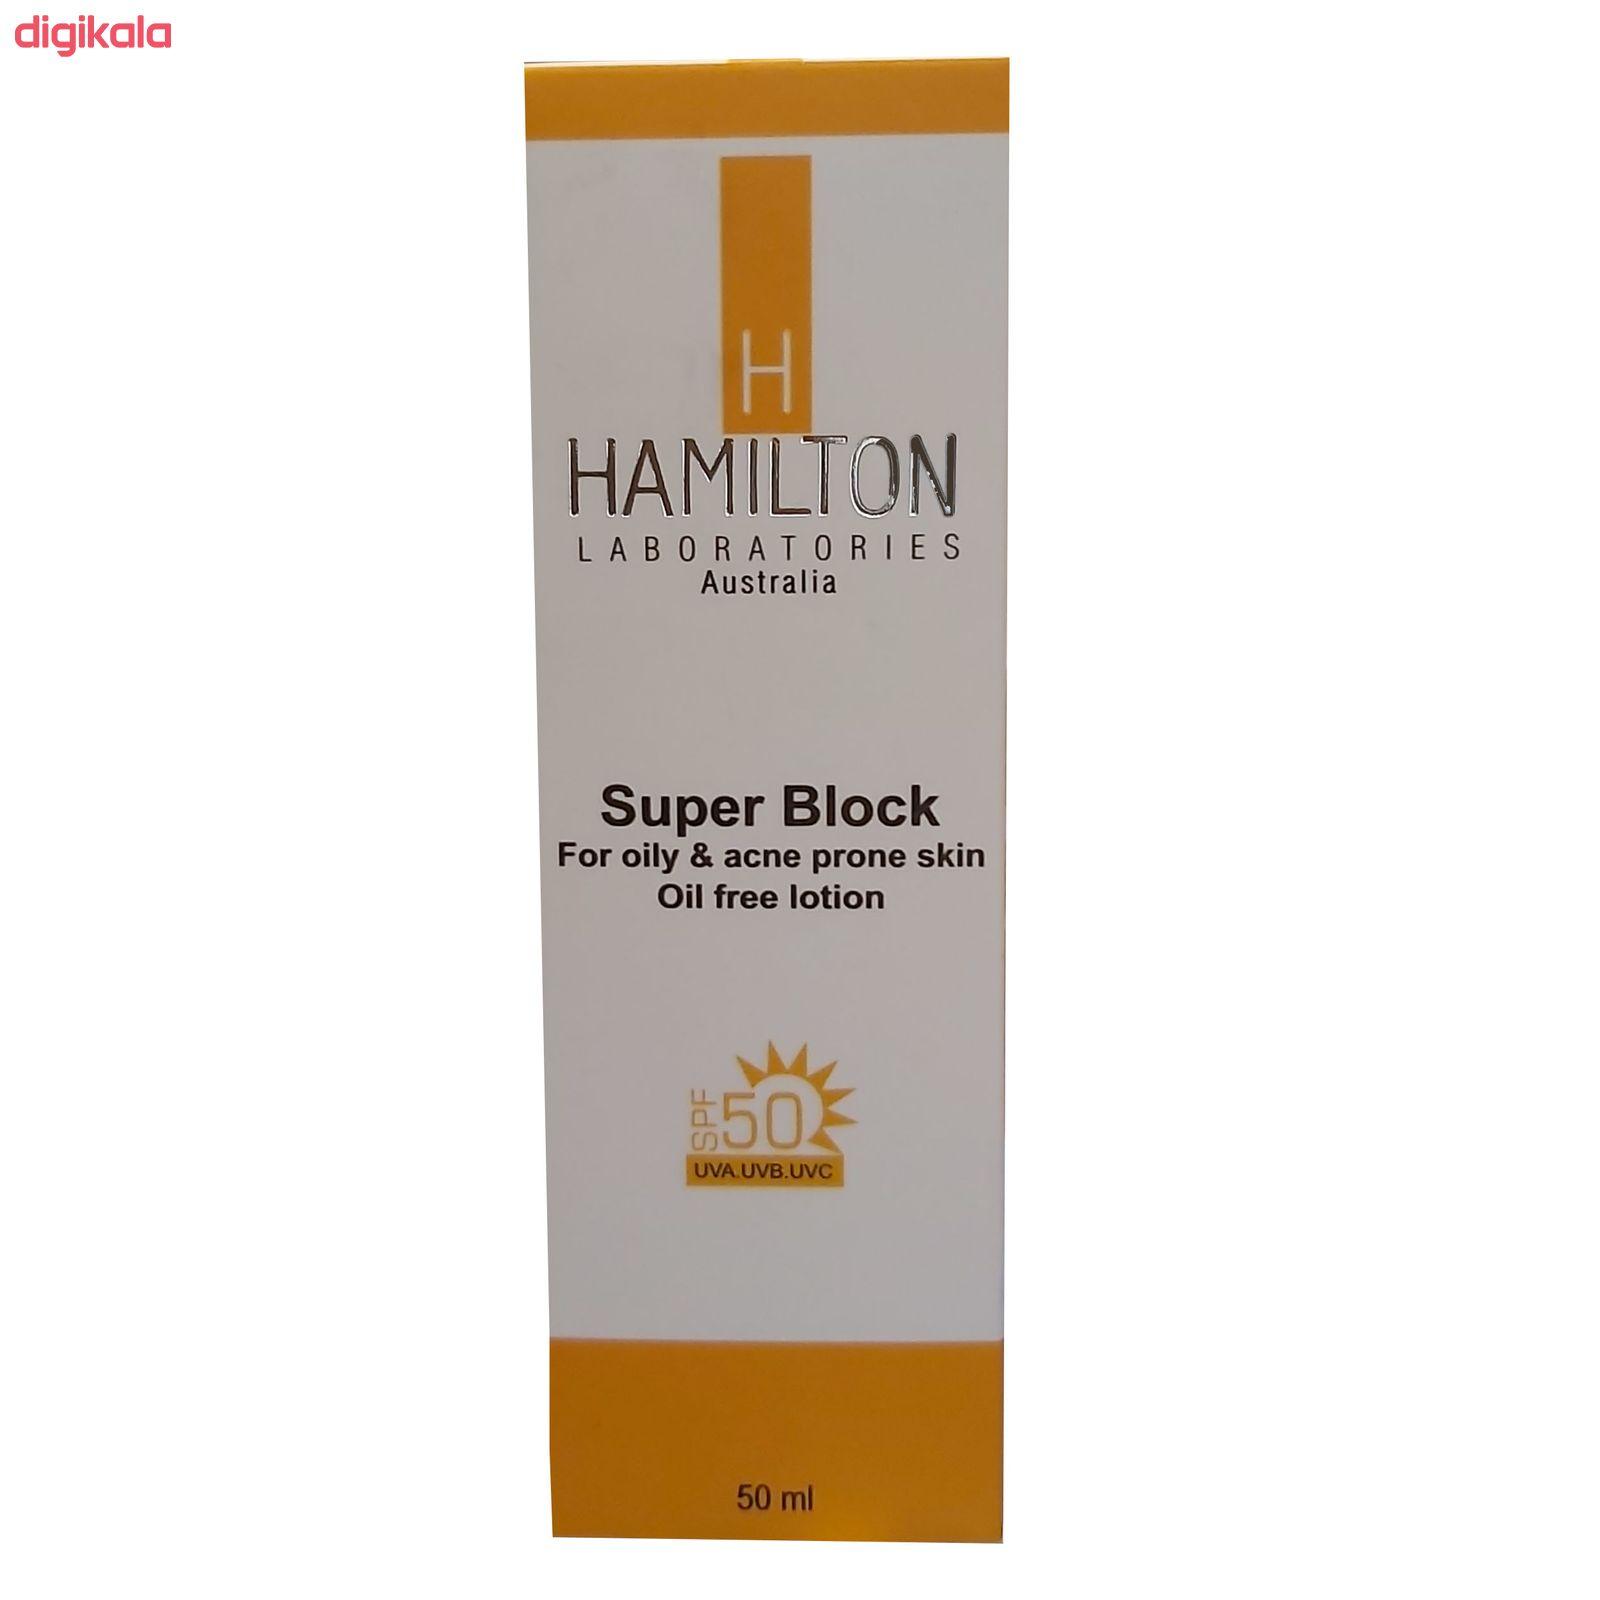 کرم ضد آفتاب همیلتون لابراتوریز مدل Super Block حجم 50 میلی لیتر